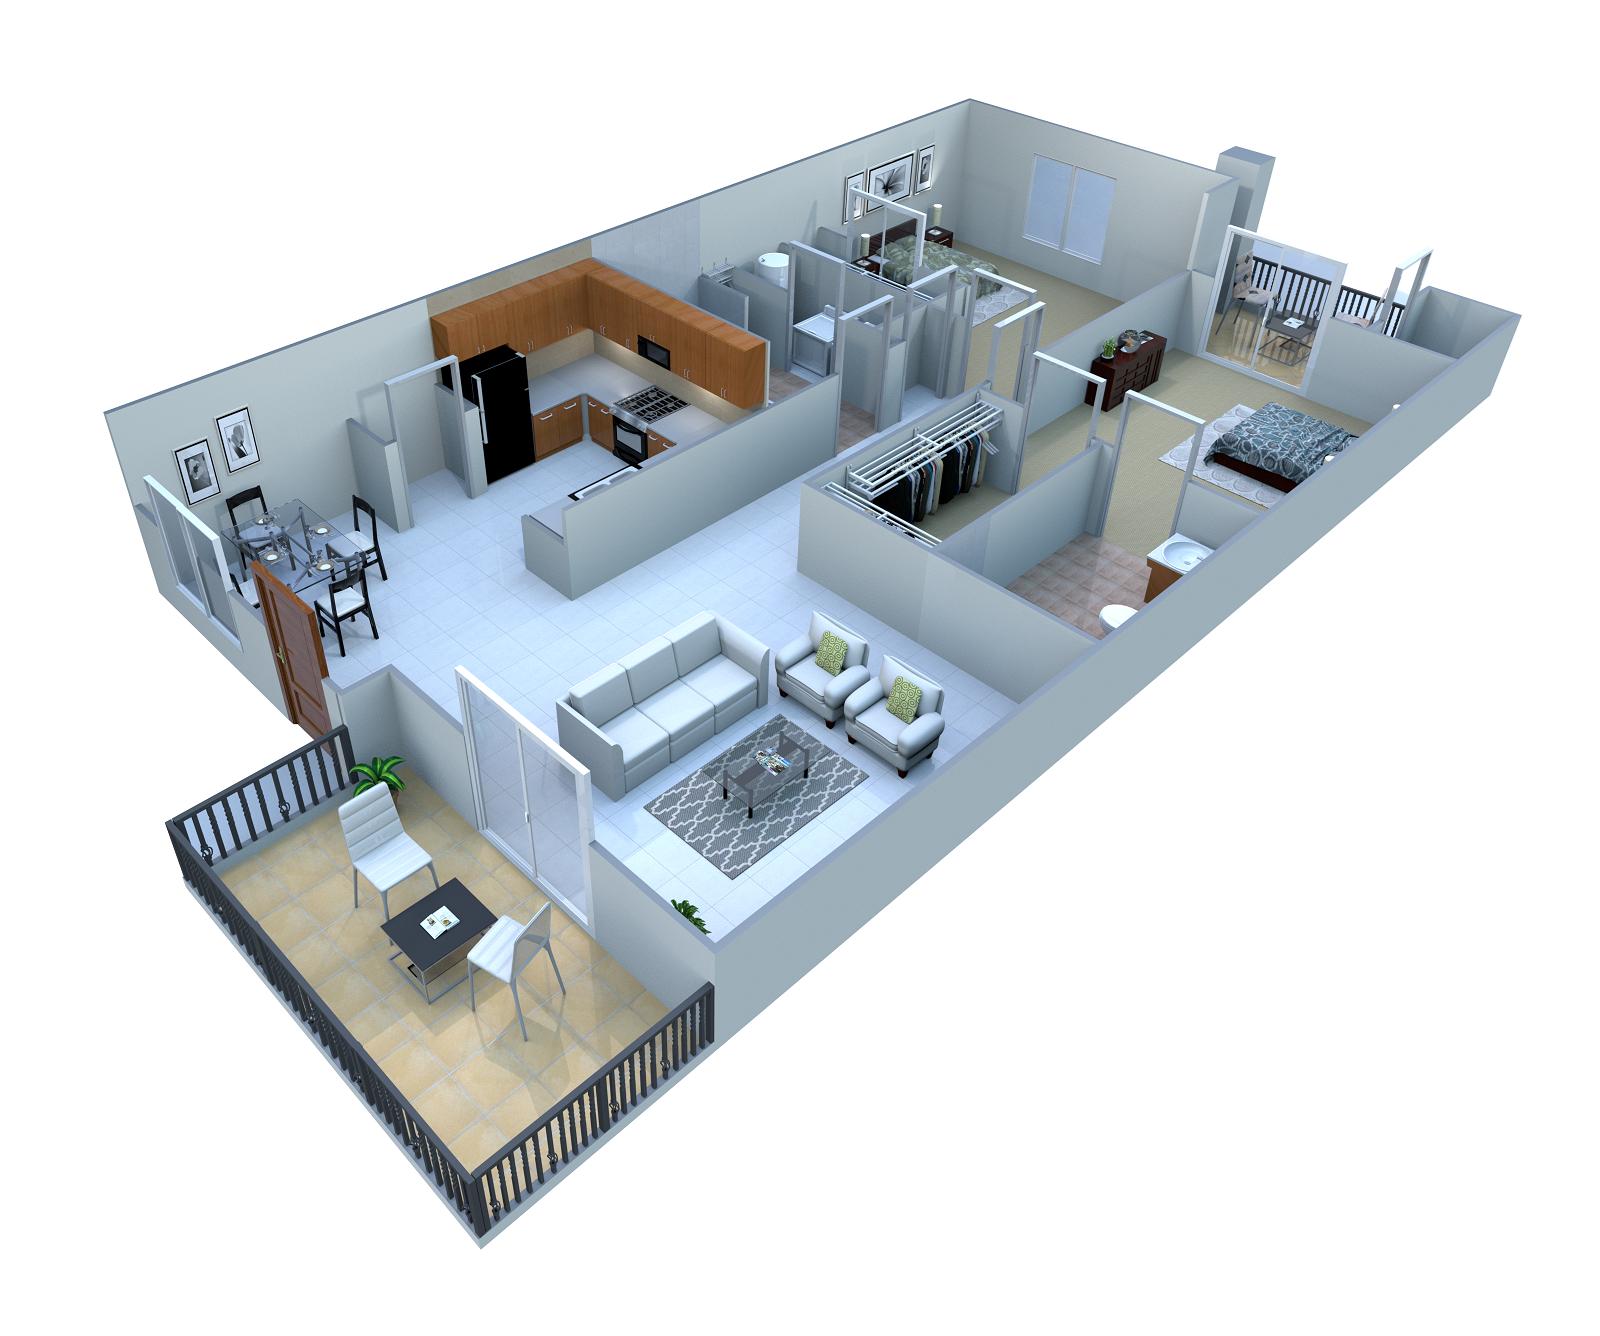 2 Bed. Flat Floor Plan 2